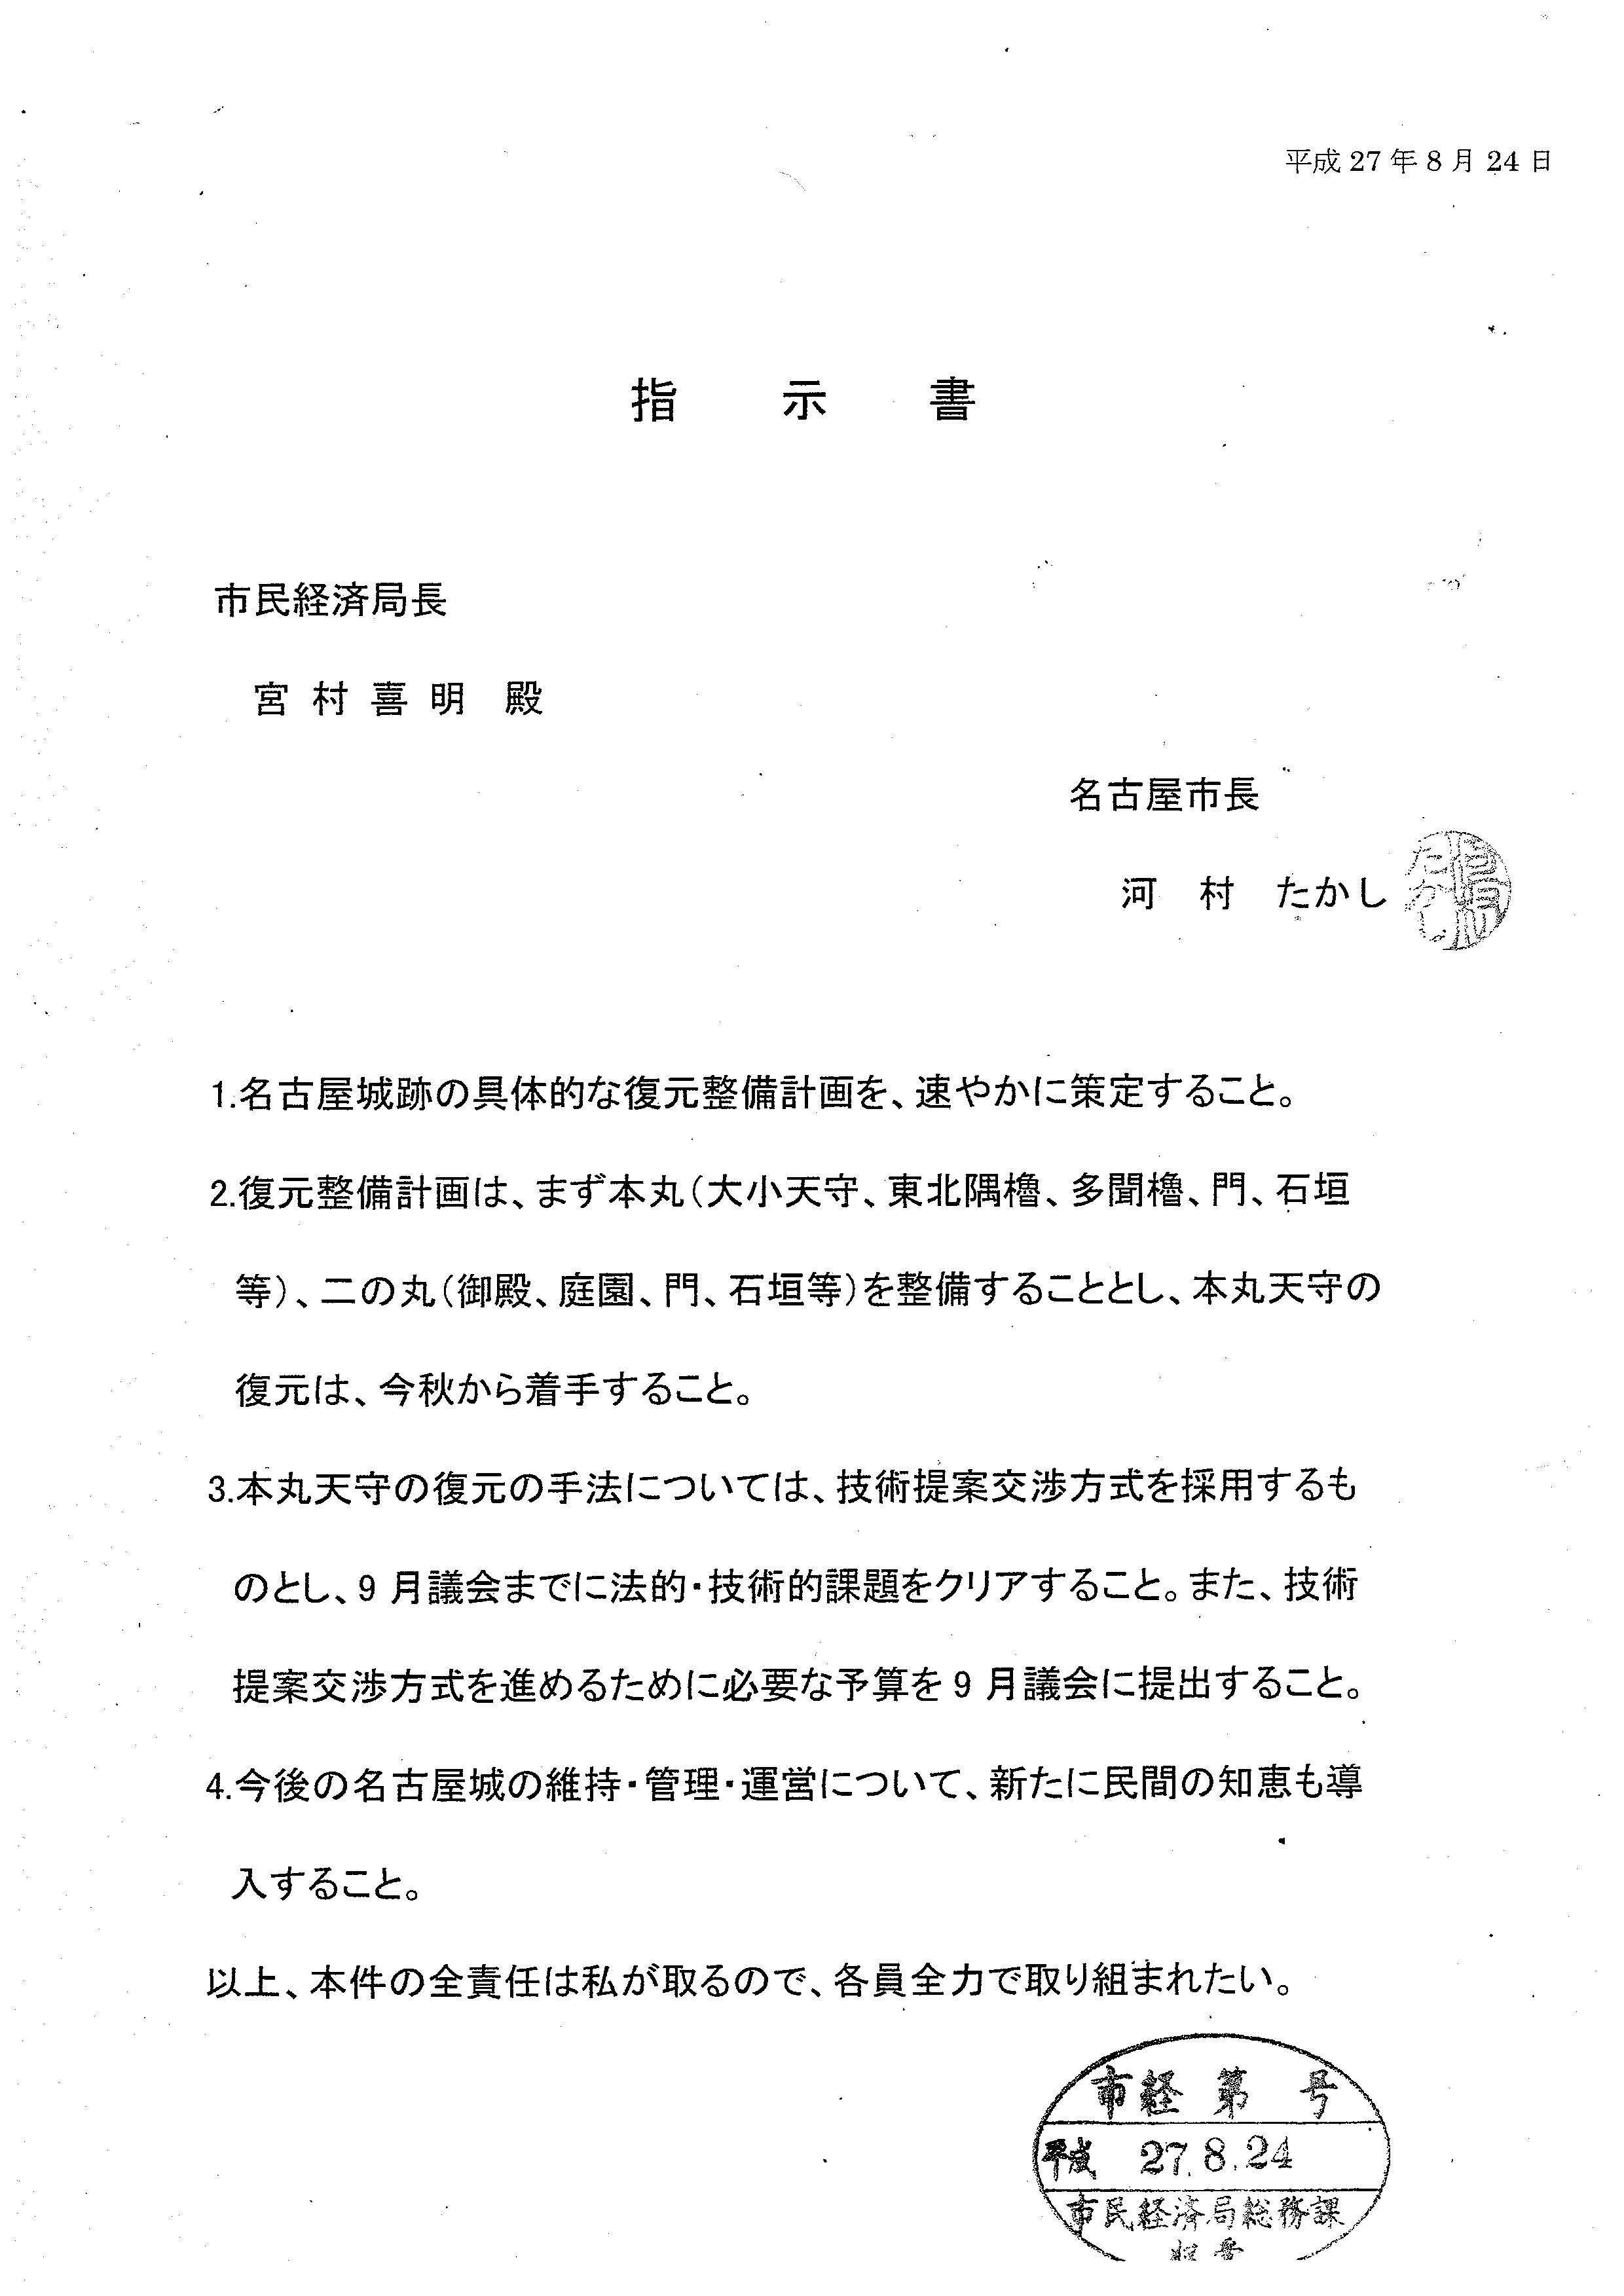 河村市長 15/8/24に市職員に対し、名古屋城木造天守閣を進めるよう「指示書」出す_d0011701_11350267.jpg